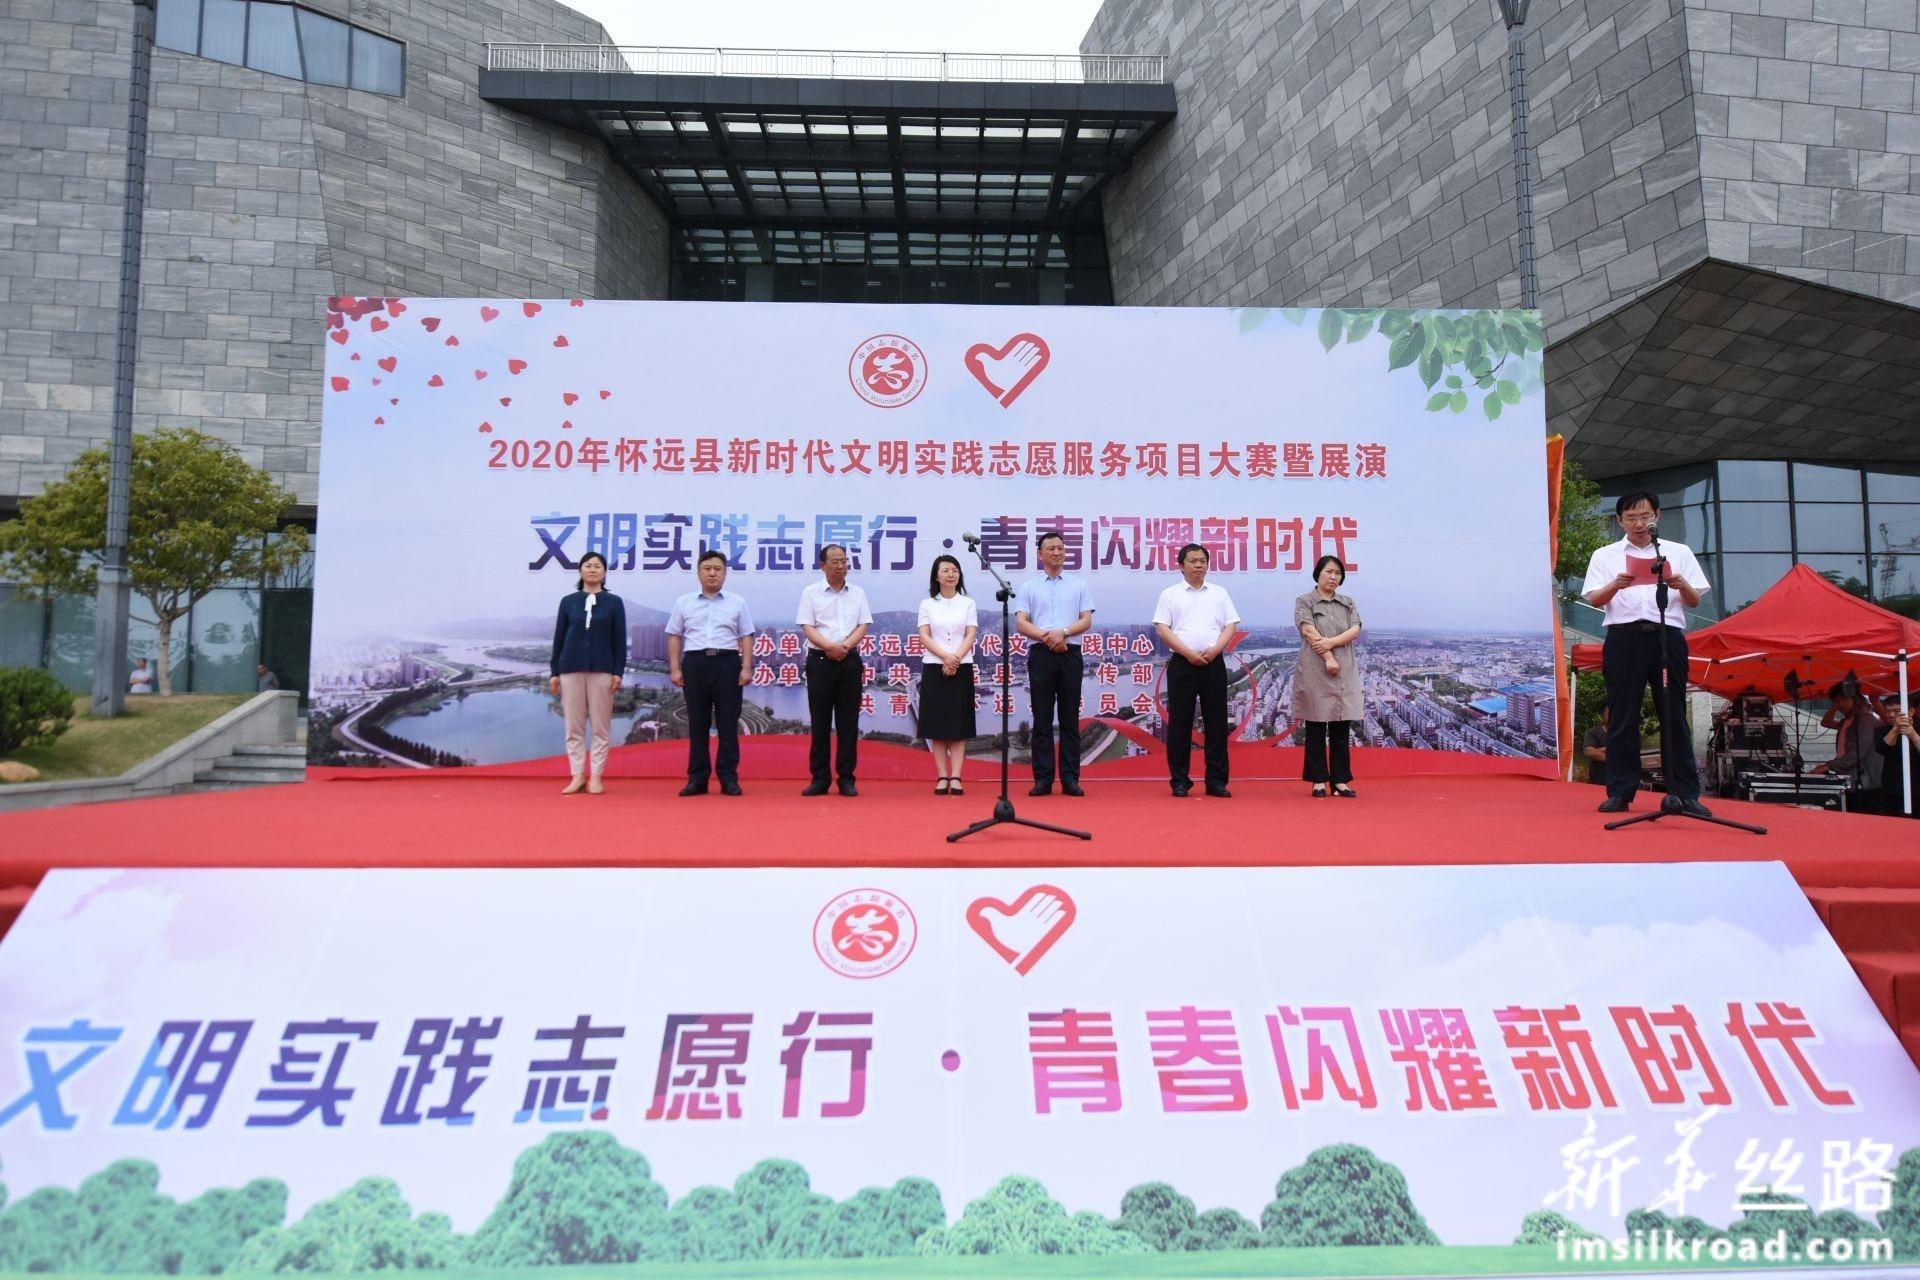 安徽怀远举办新时代文明实践志愿服务项目大赛活动